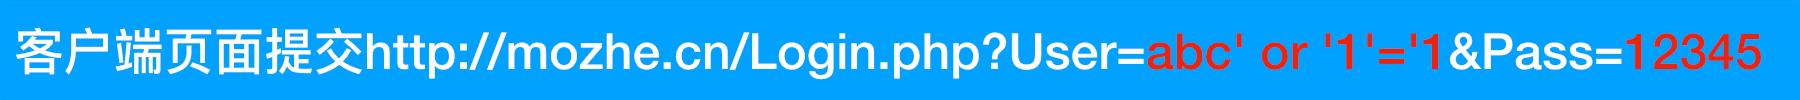 客户端页面提交http://mozhe.cn/Login.php?User=abc' or '1'='1&Pass=12345